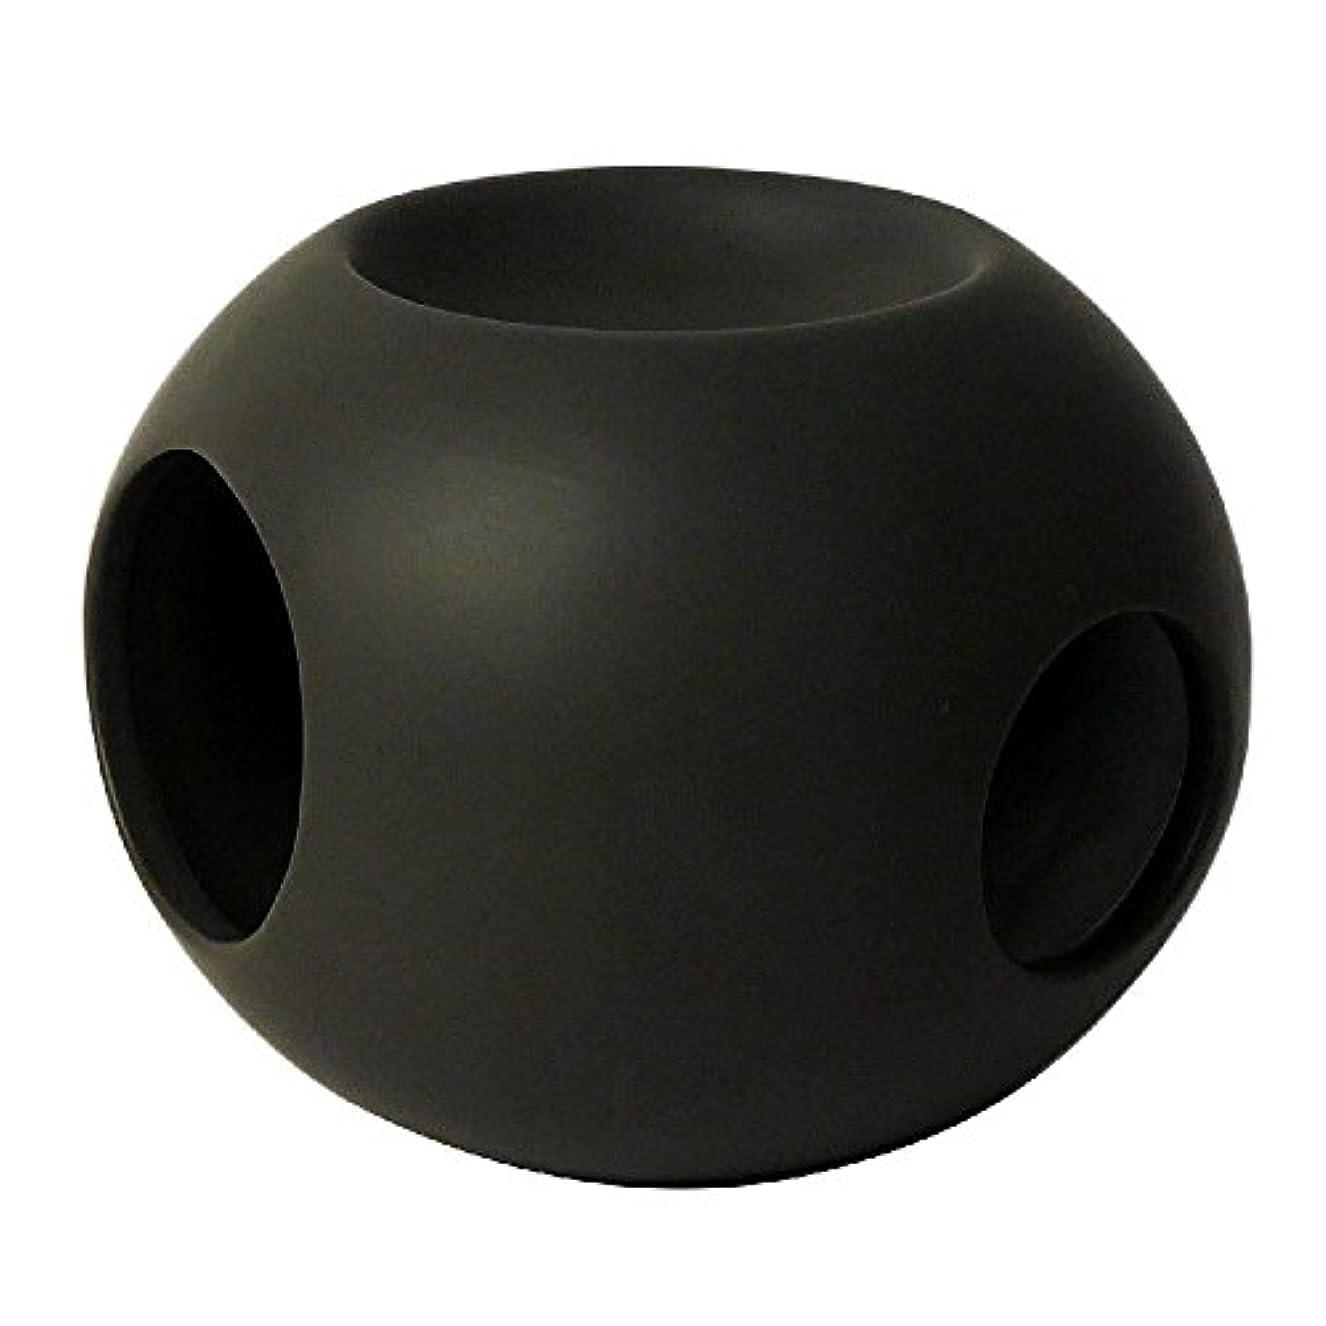 コンプリート施設キャッシュPASHA アロマポット Round Oil Ball エッセンシャルオイル ユーカリ付き